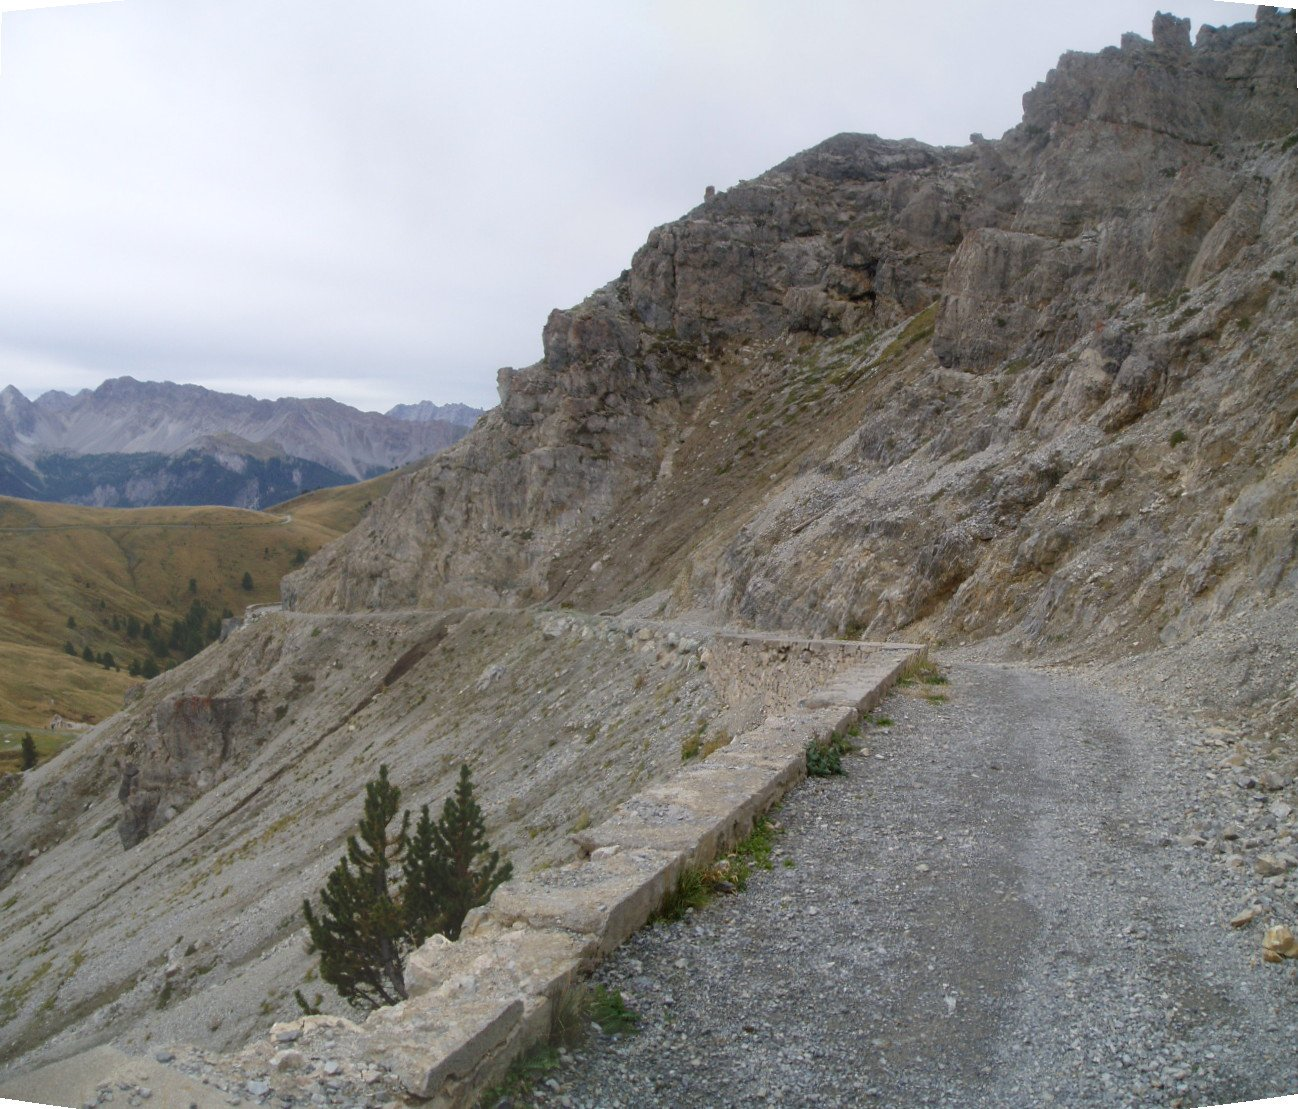 La strada che sale al forte Janus.